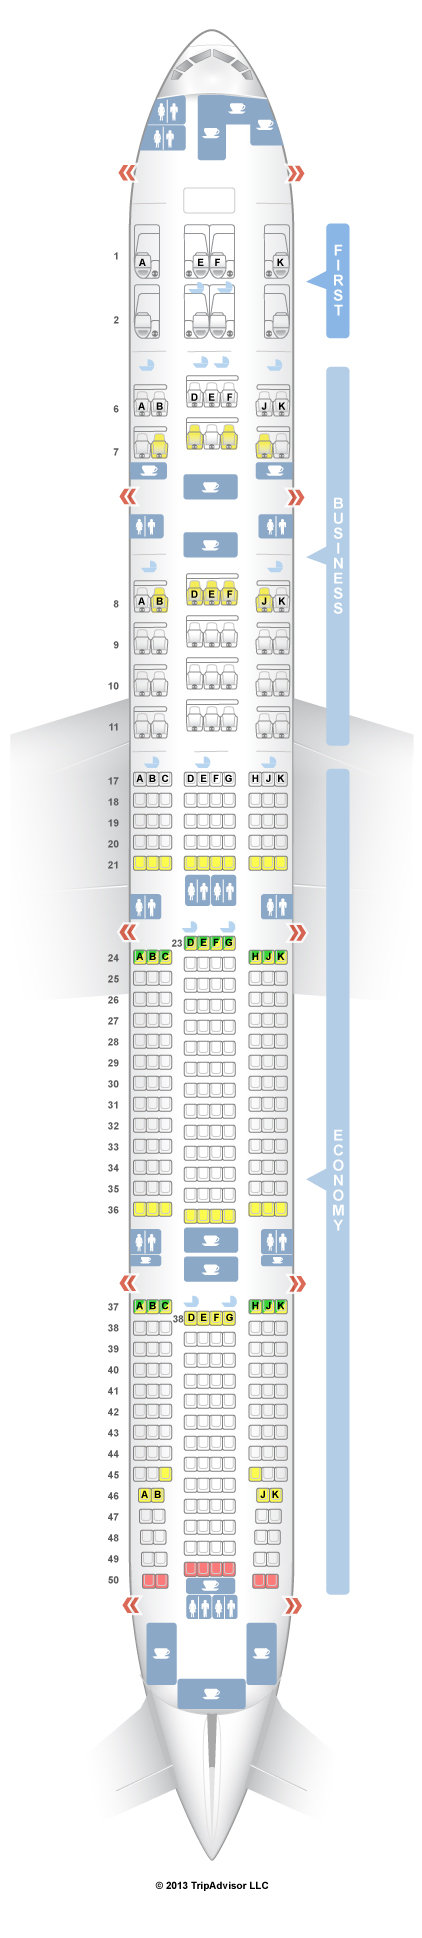 Boeing 777-300 - схема салона